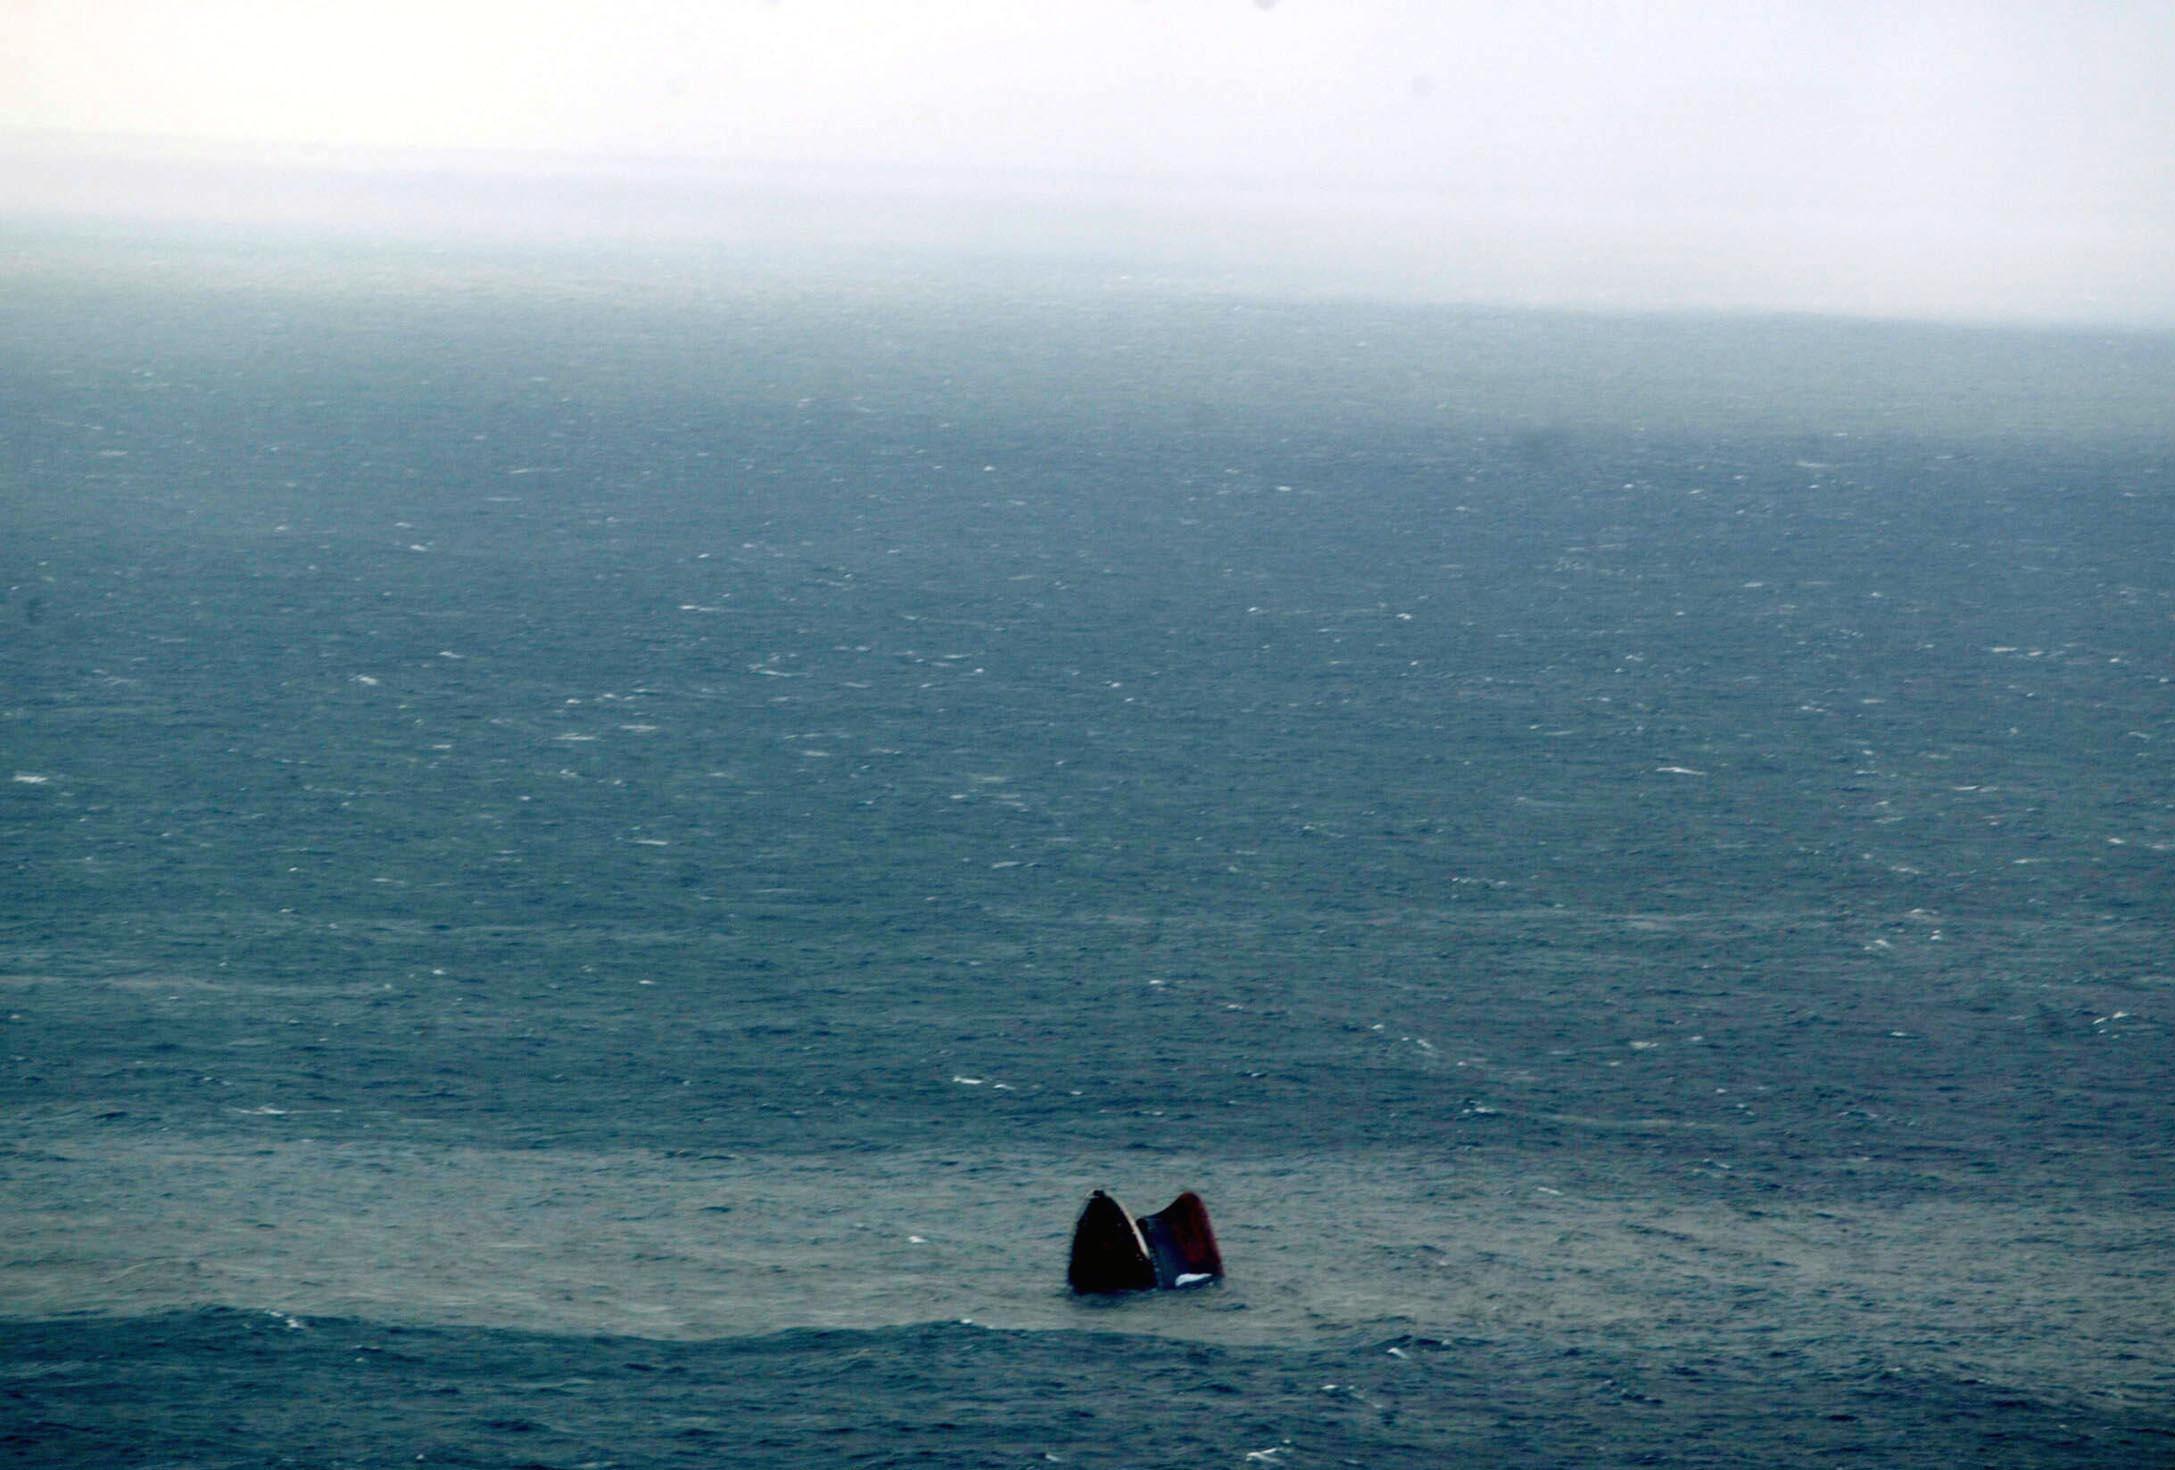 La proa, a punto de sumergirse en el océano Atlántico.